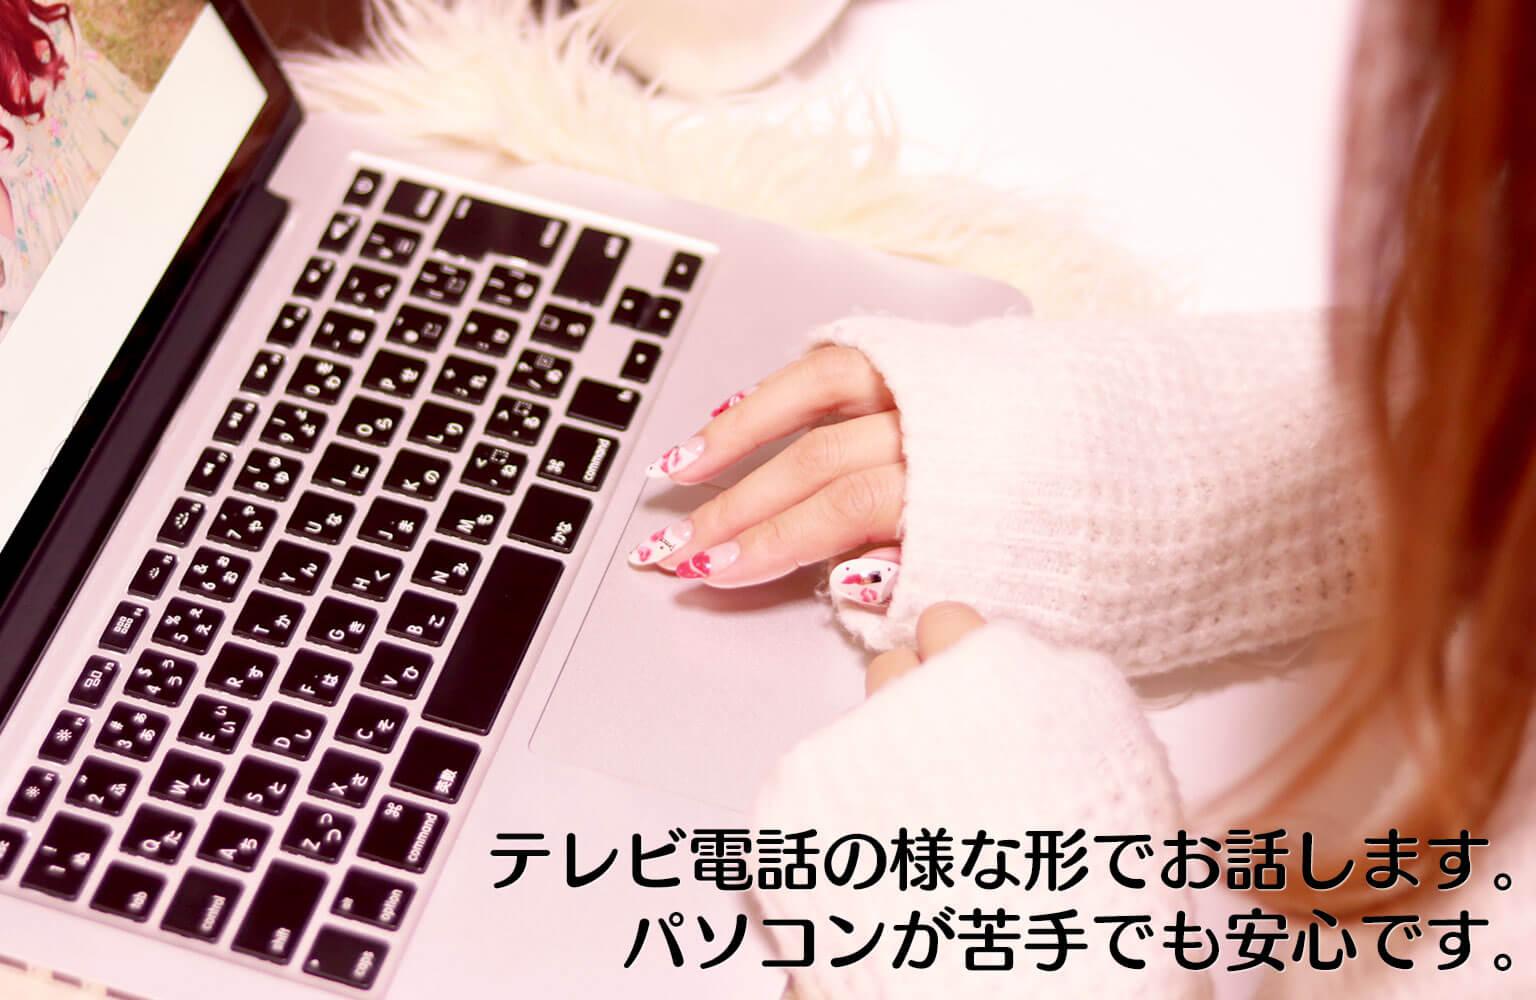 チャット 女の子募集 青森 アルバイト